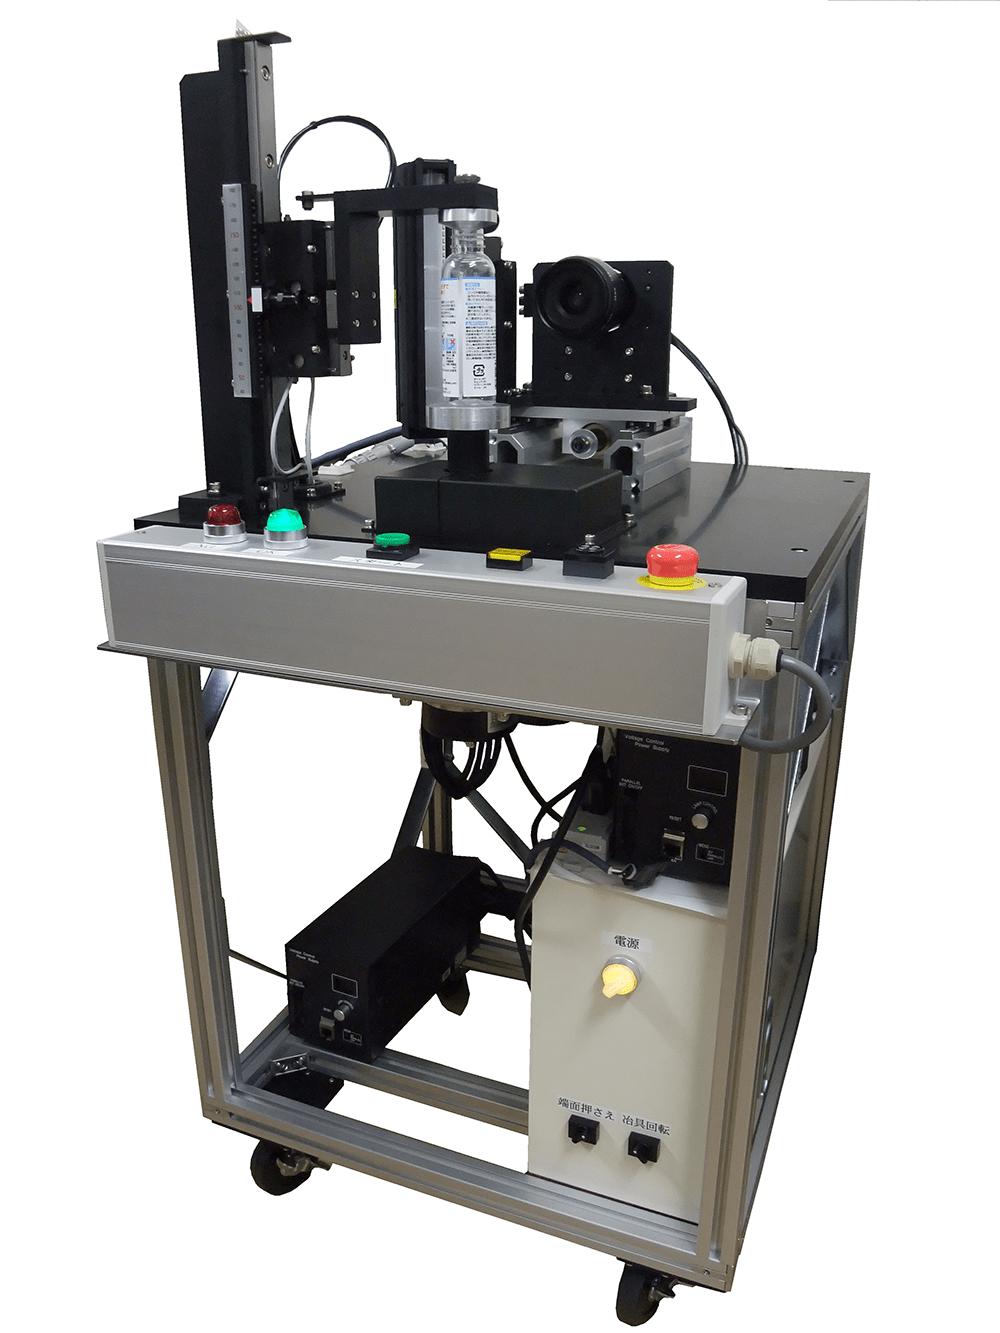 手動供給式円筒容器検査(ボトル検査、ジャー容器検査、カップ検査)「SV-BB1000」